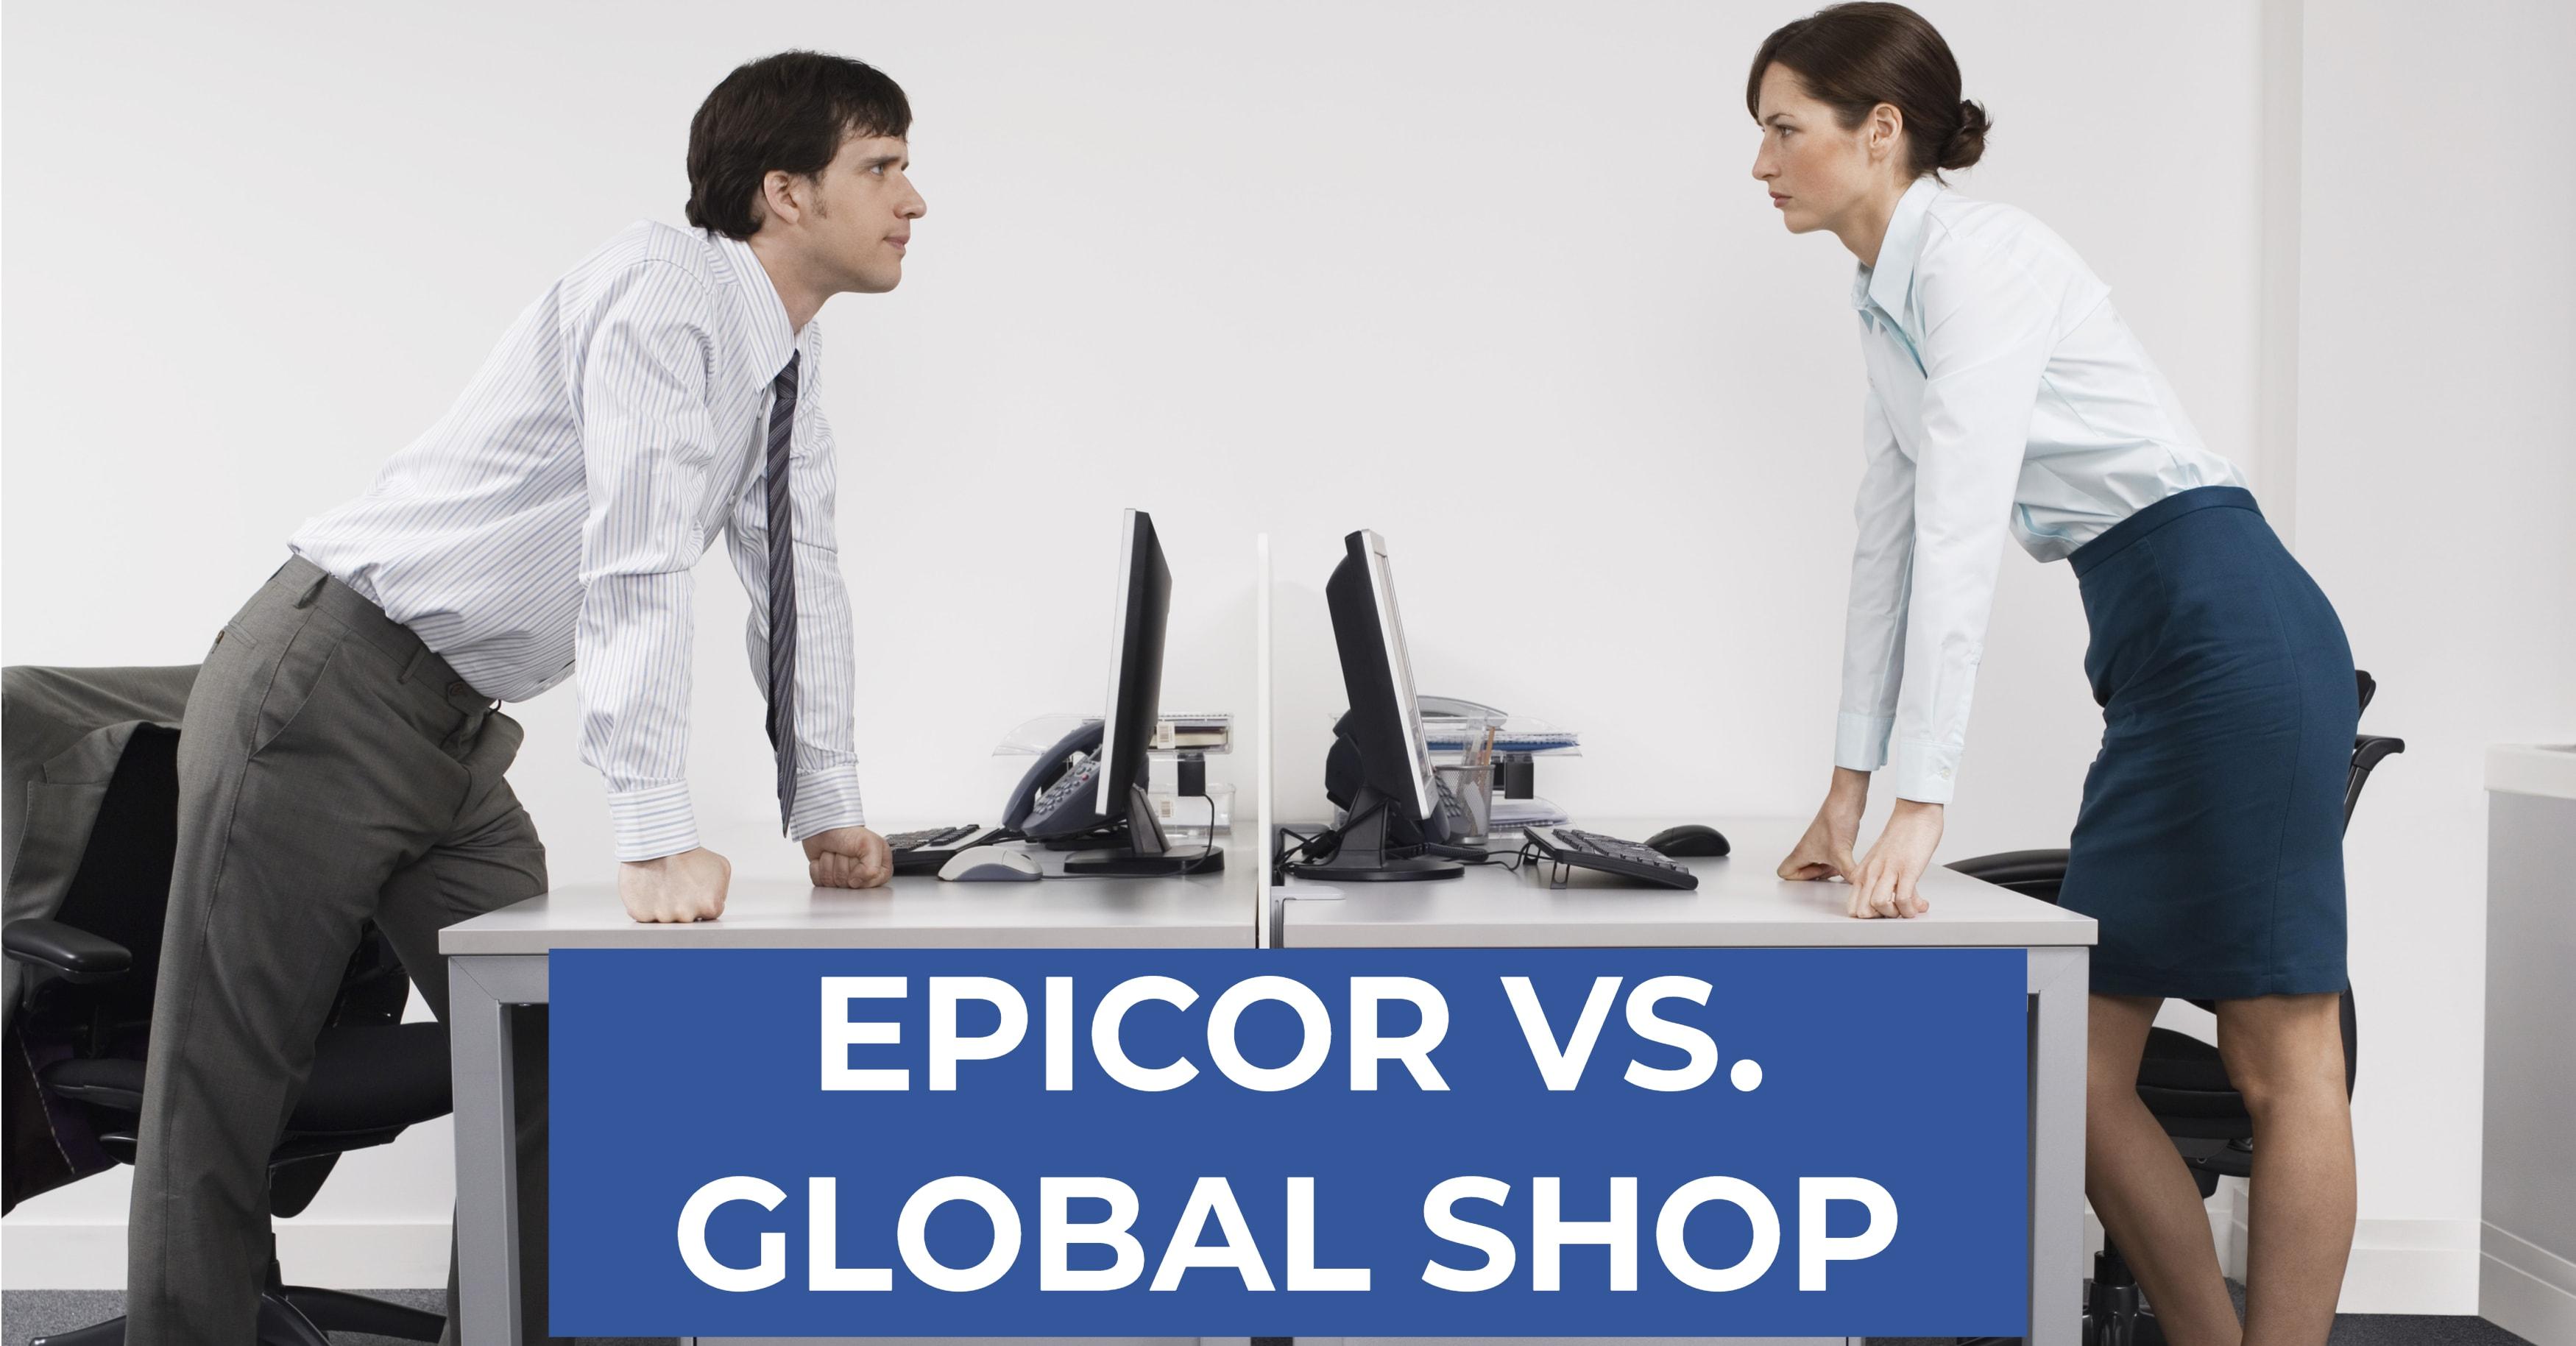 Epicor Global Shop